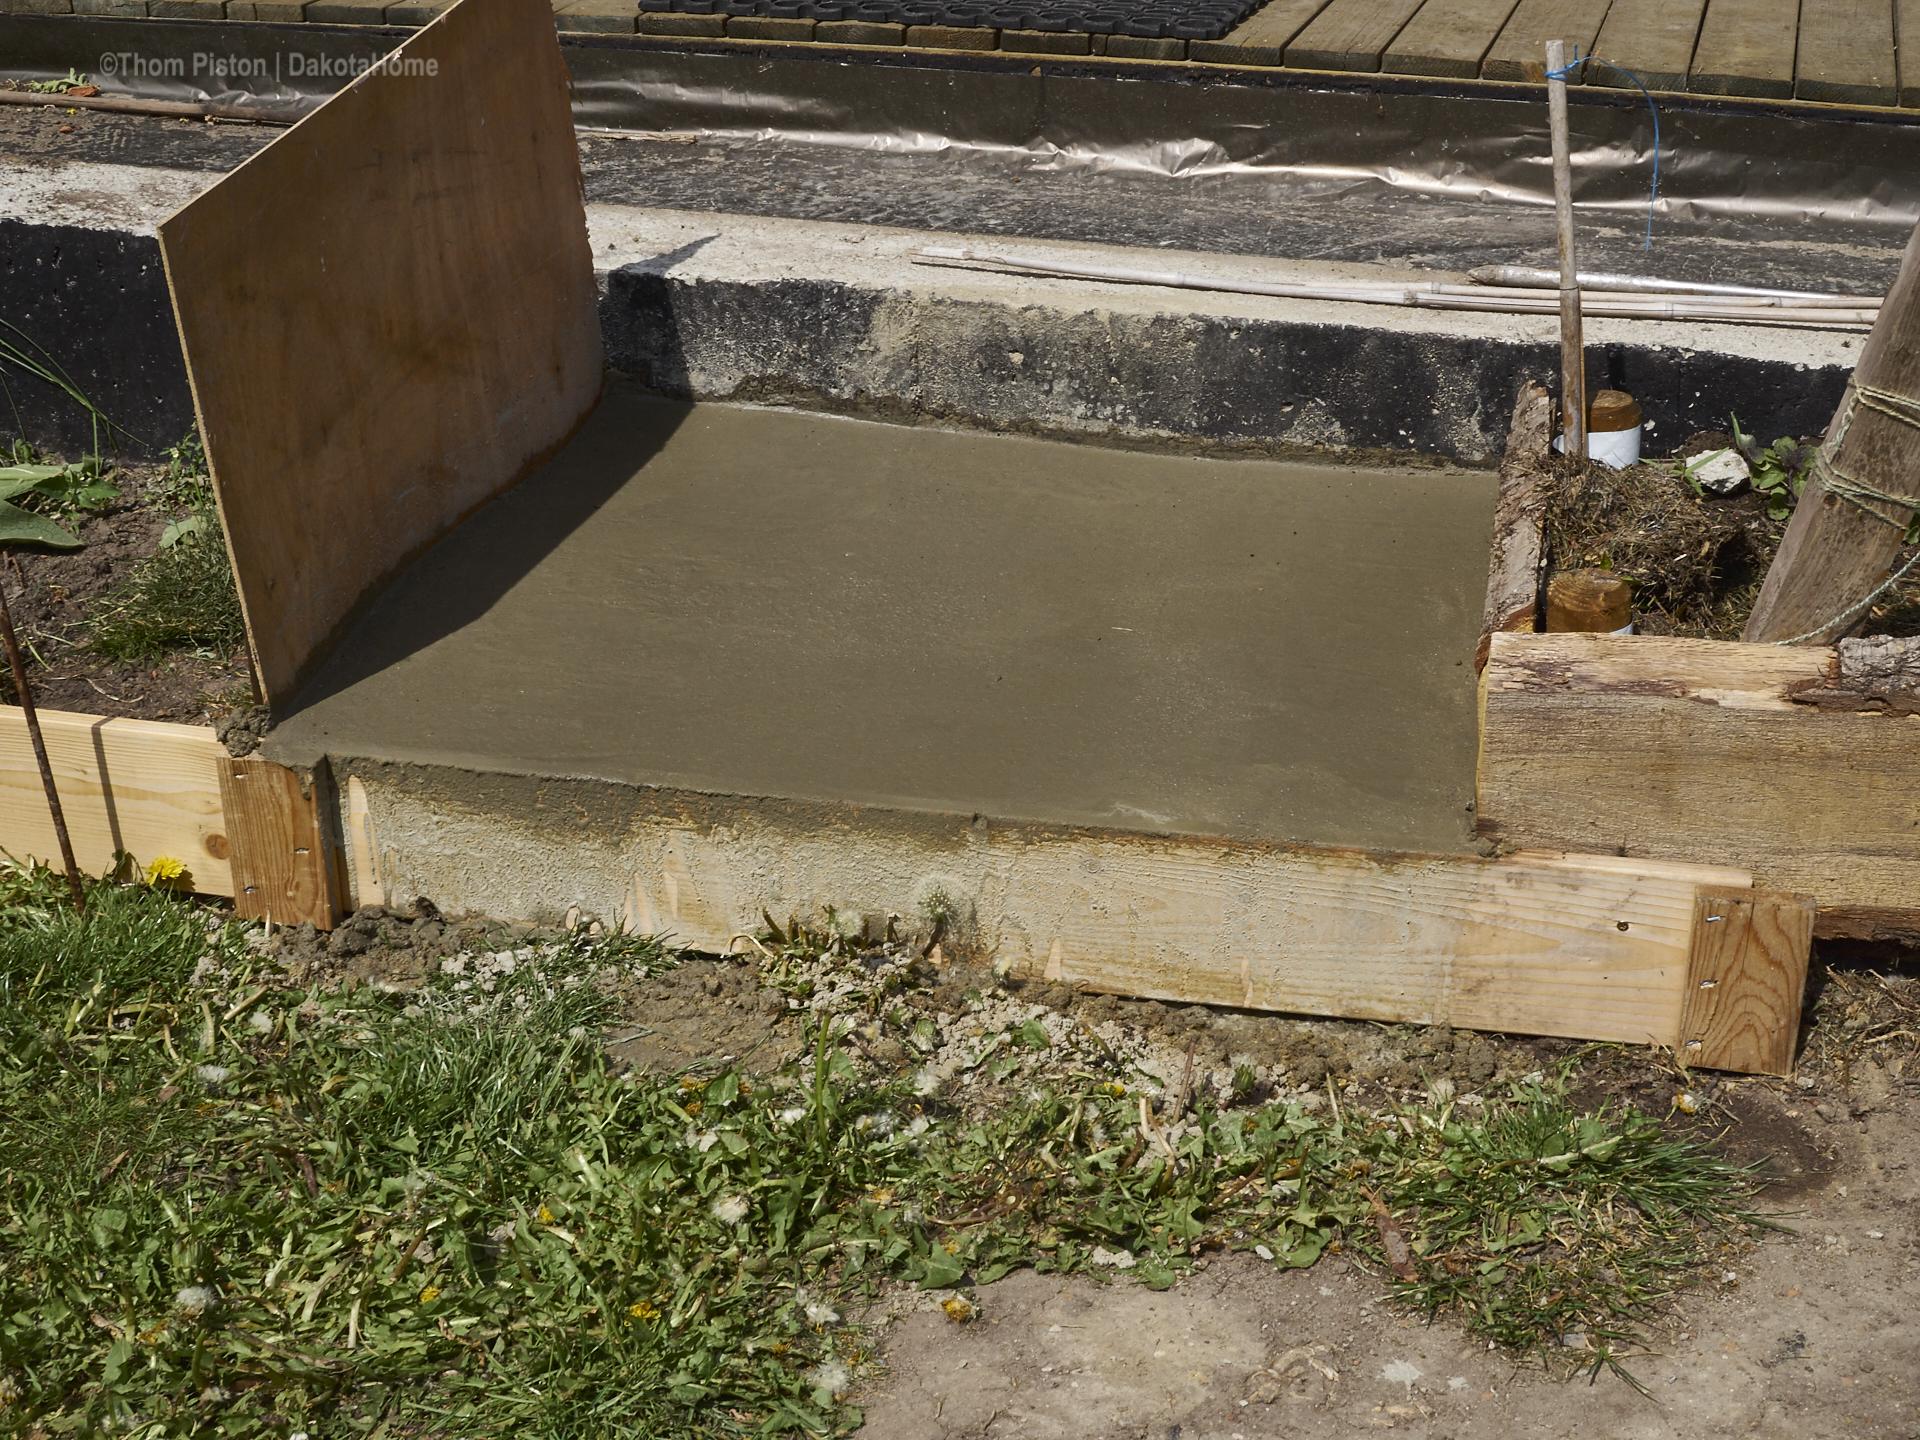 beton stufe an der ponderosa... die beton platte der terasse war einfach zu hoch für n gemütlichen einstieg zur terasse...